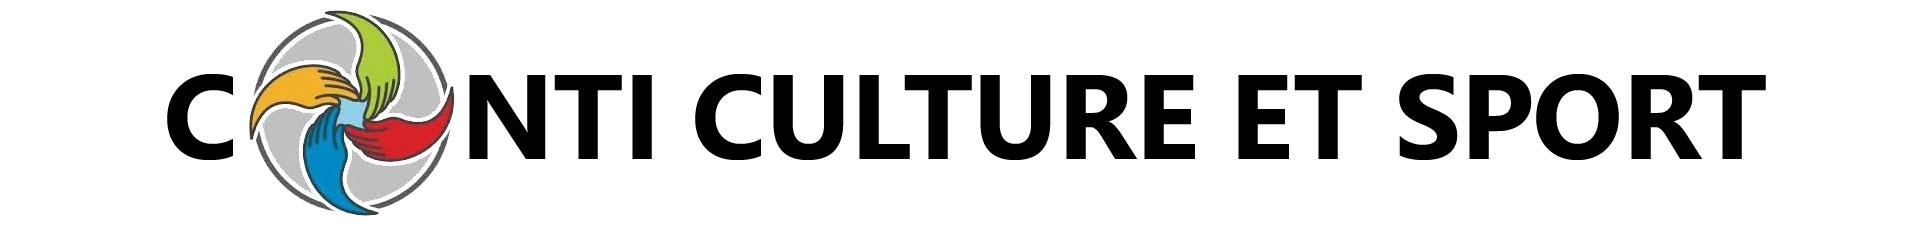 Le logo de Conti Culture et Sport, Réseau de Solidarité International